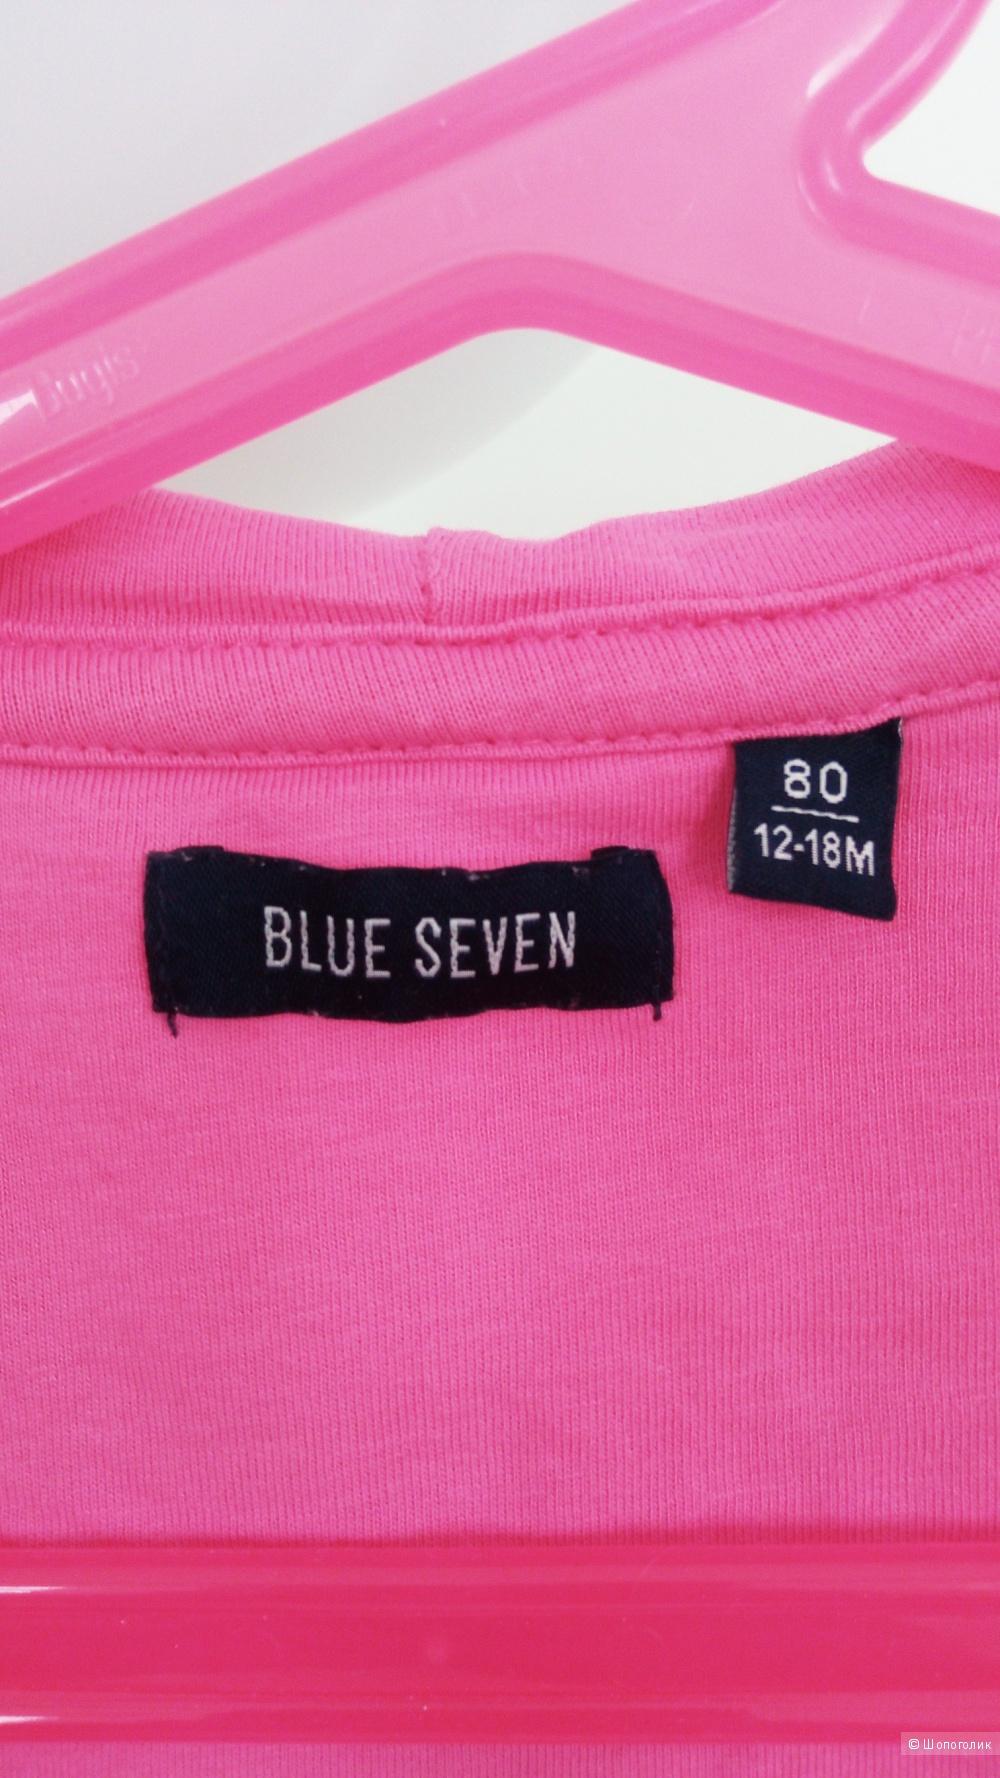 Детский флисовый комбинезон Blue Seven, 80(+6), на 12-18 м